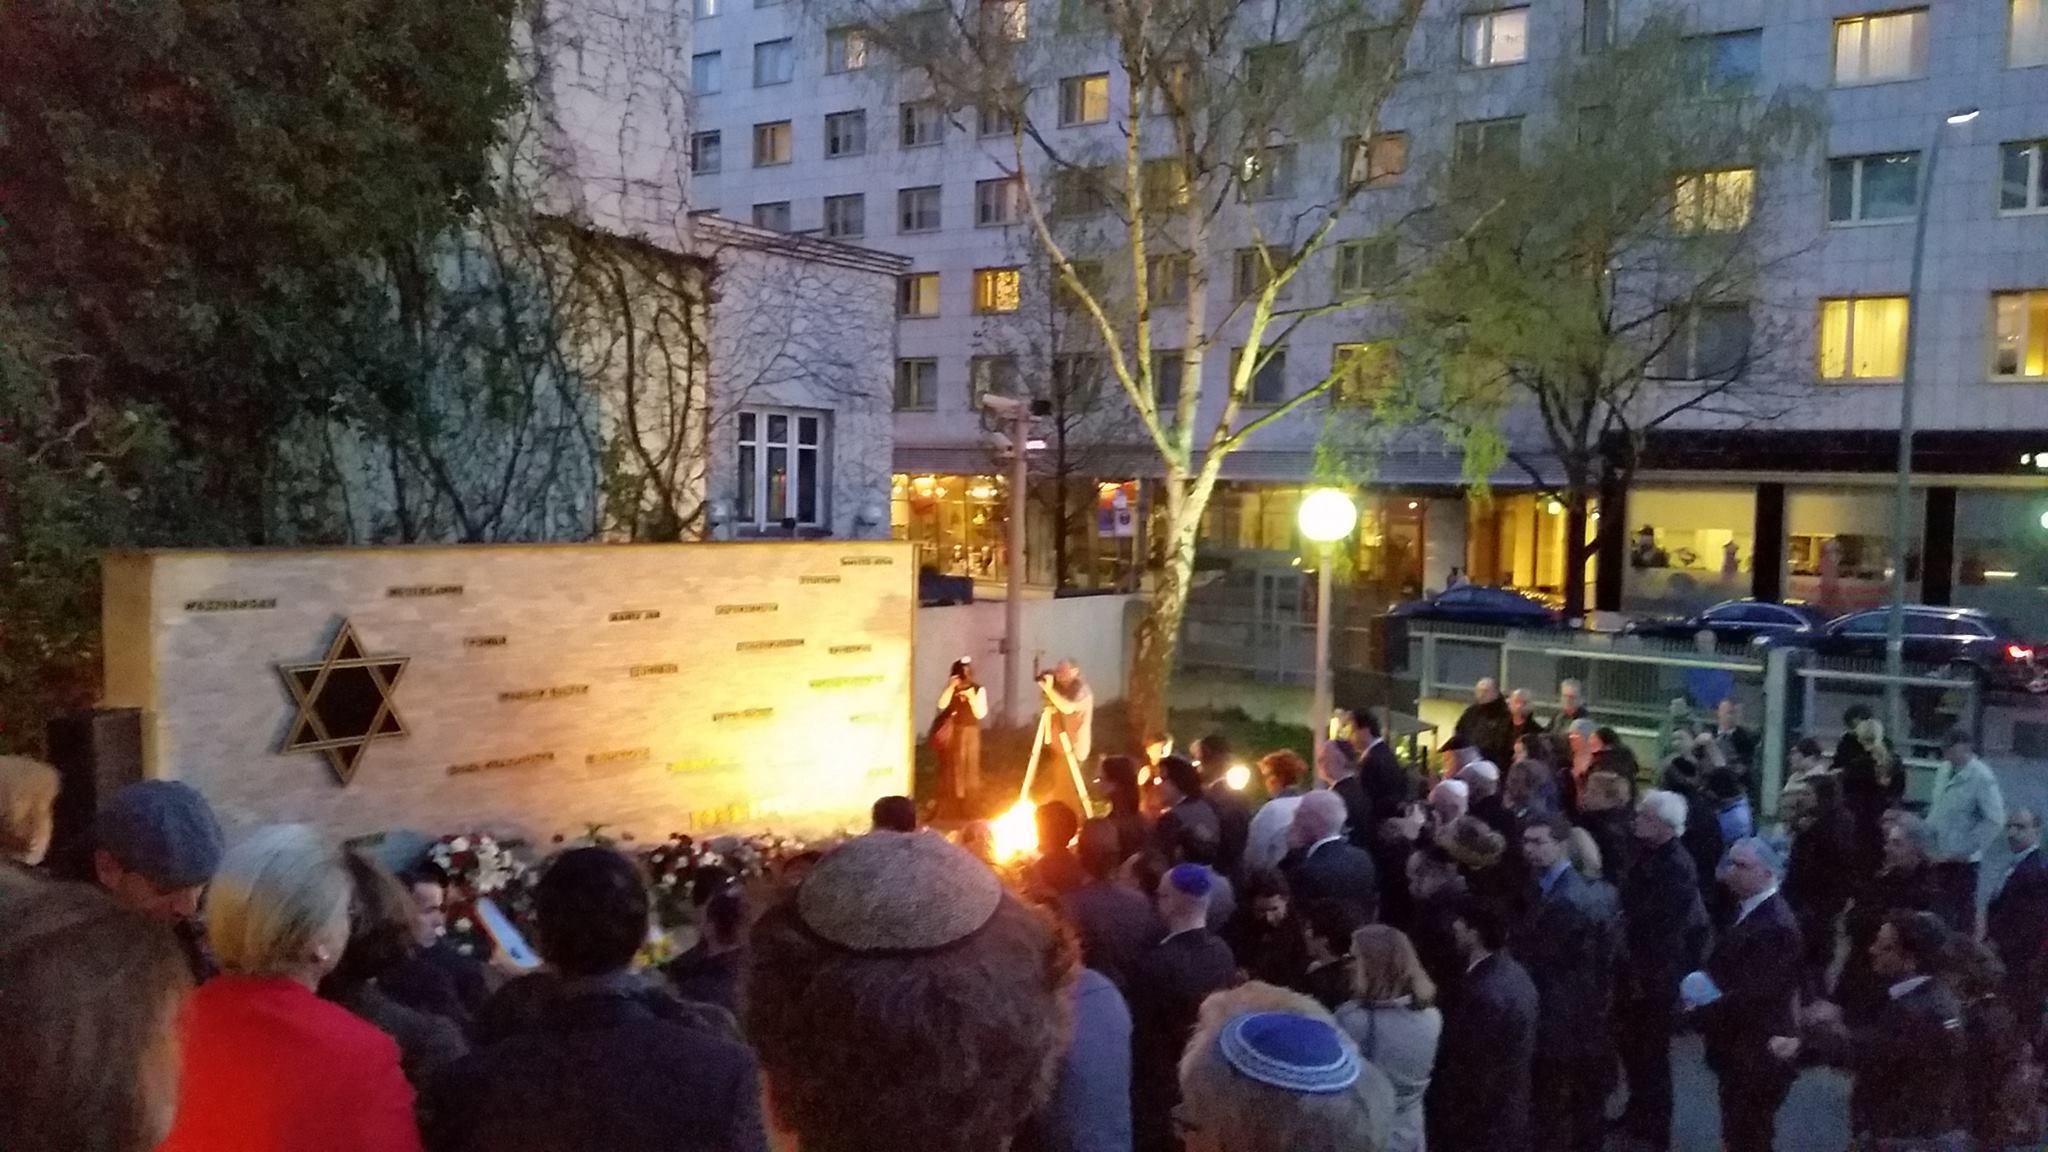 Gedenkzeremonie nach der Veranstaltung der Jüdischen Gemeinde zu Berlin zum Yom HaShoah am 16.04.2015 im Jüdischen Gemeindehaus in Berlin